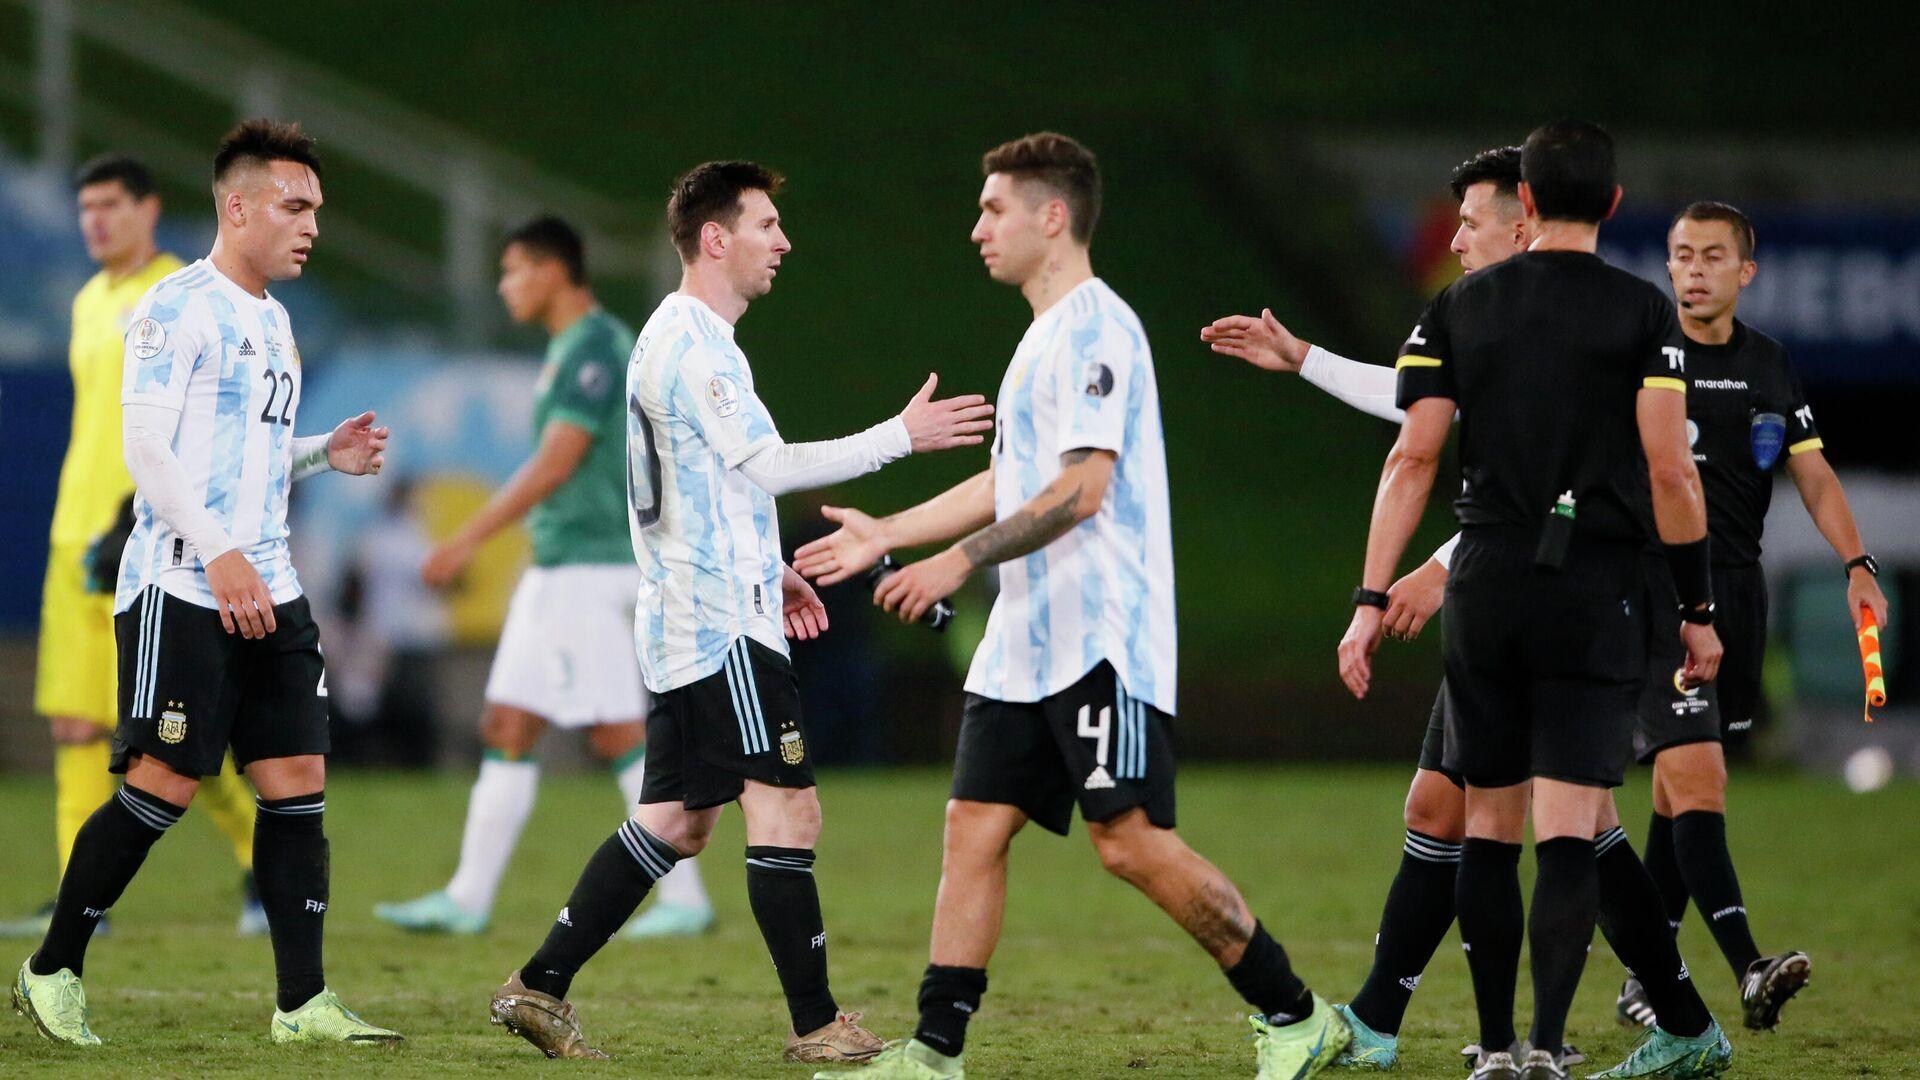 Lionel Messi y otros futbolistas de Argentina se saludan tras el partido frente a Bolivia - Sputnik Mundo, 1920, 29.06.2021